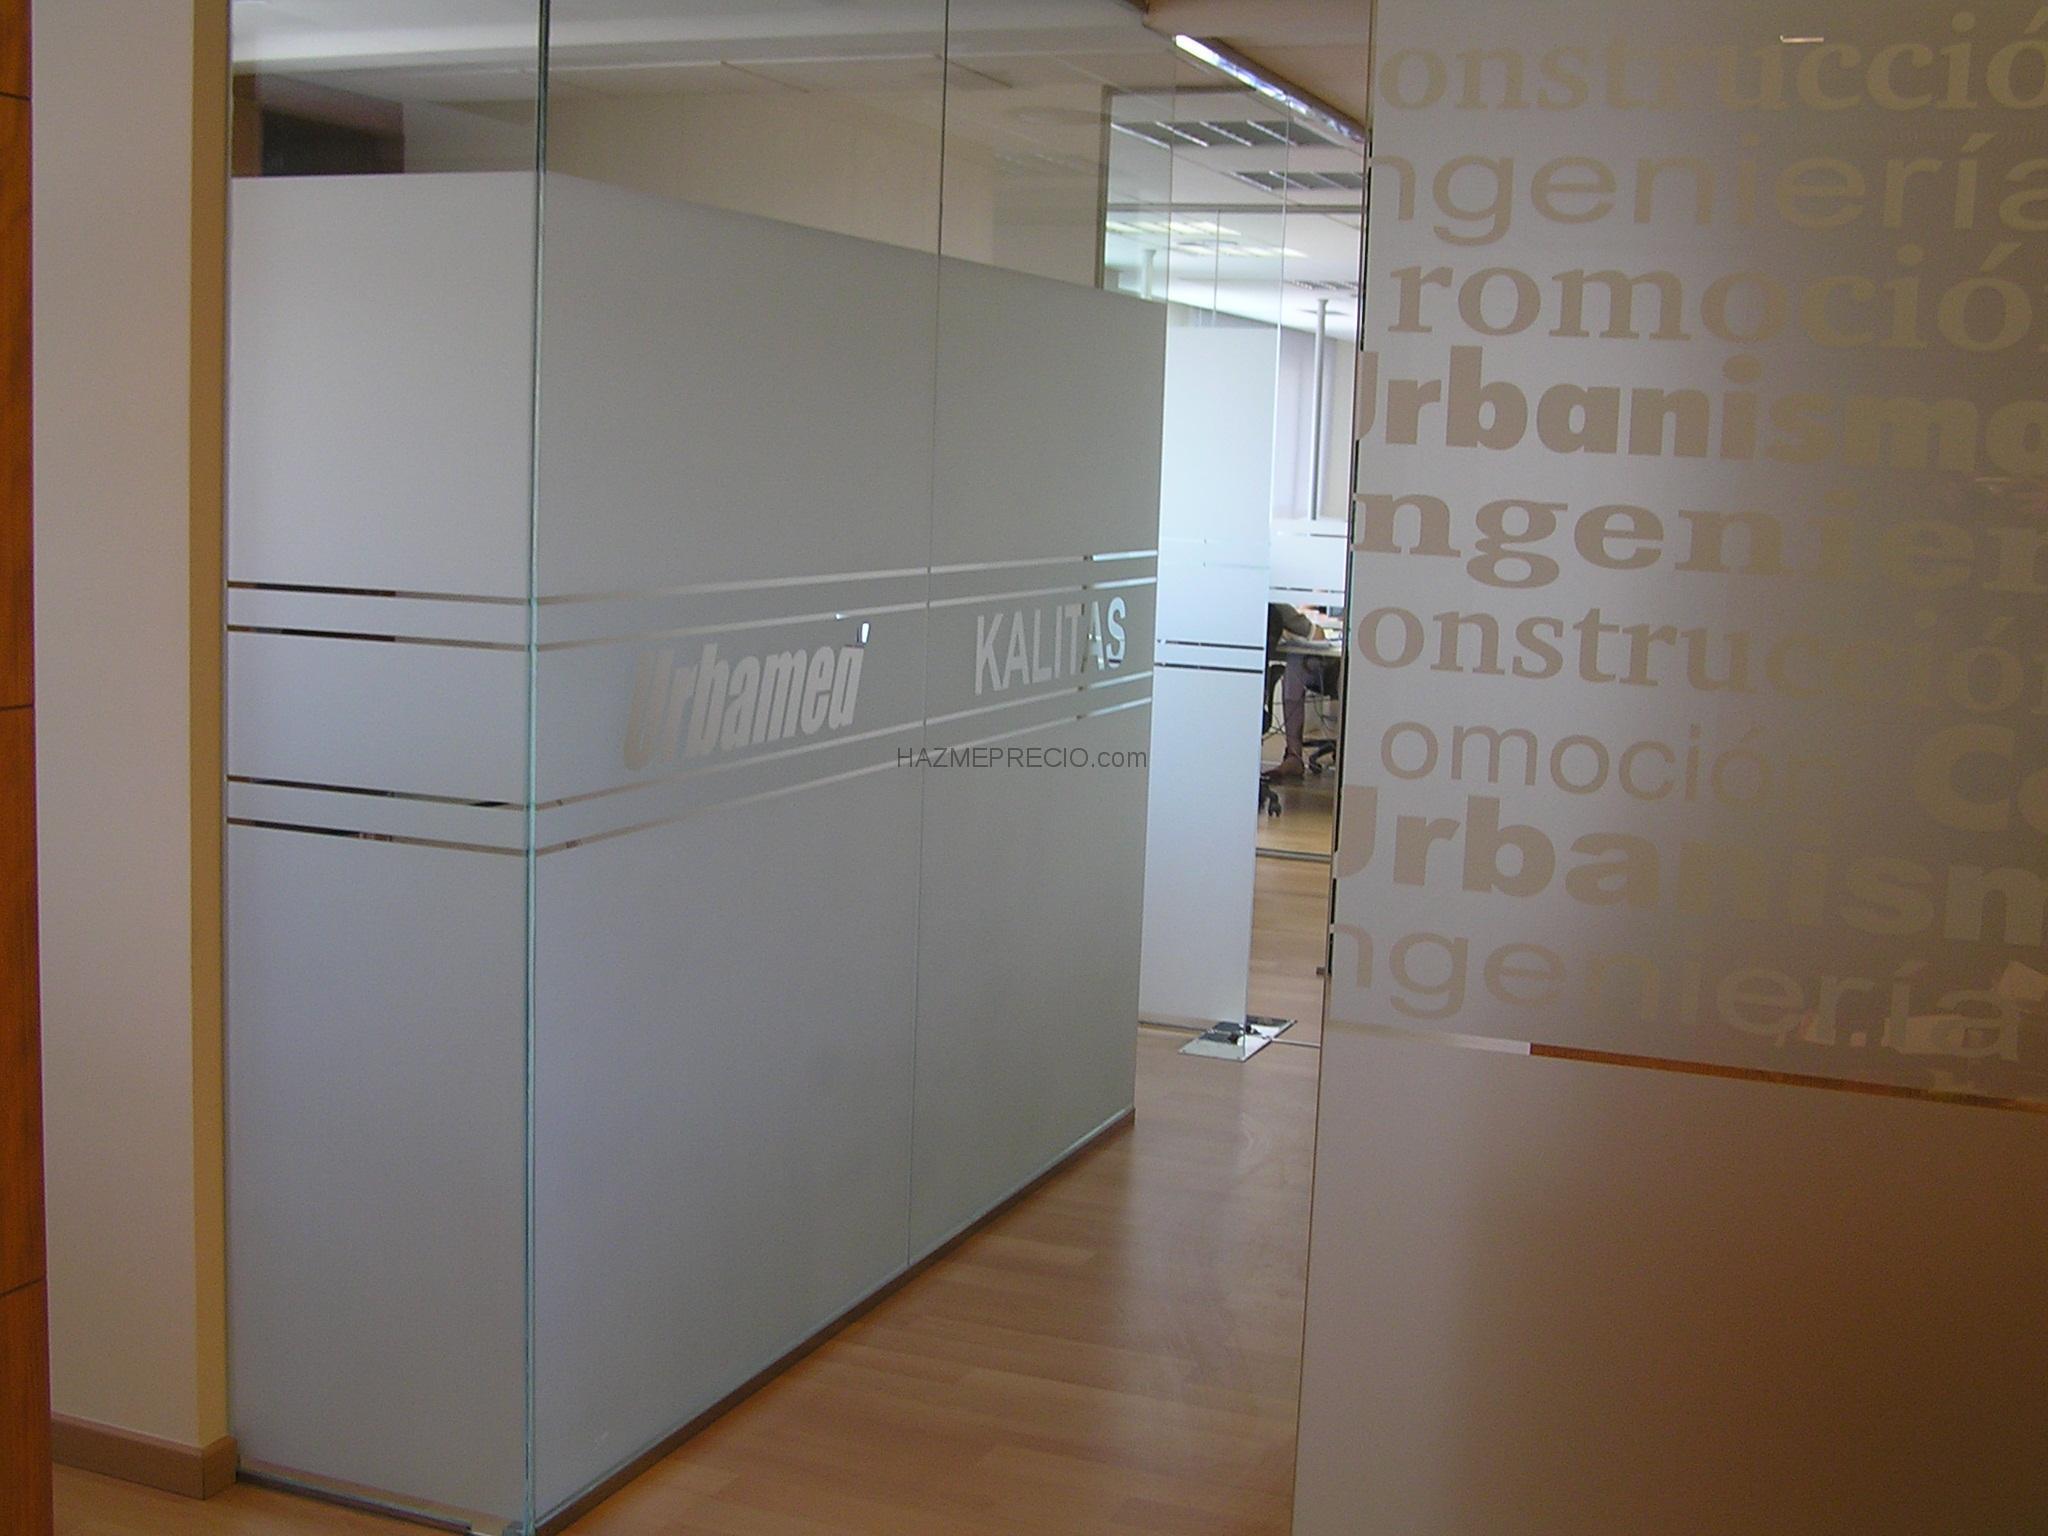 Empresas de marketing y publicidad - Cristal con vinilo ...